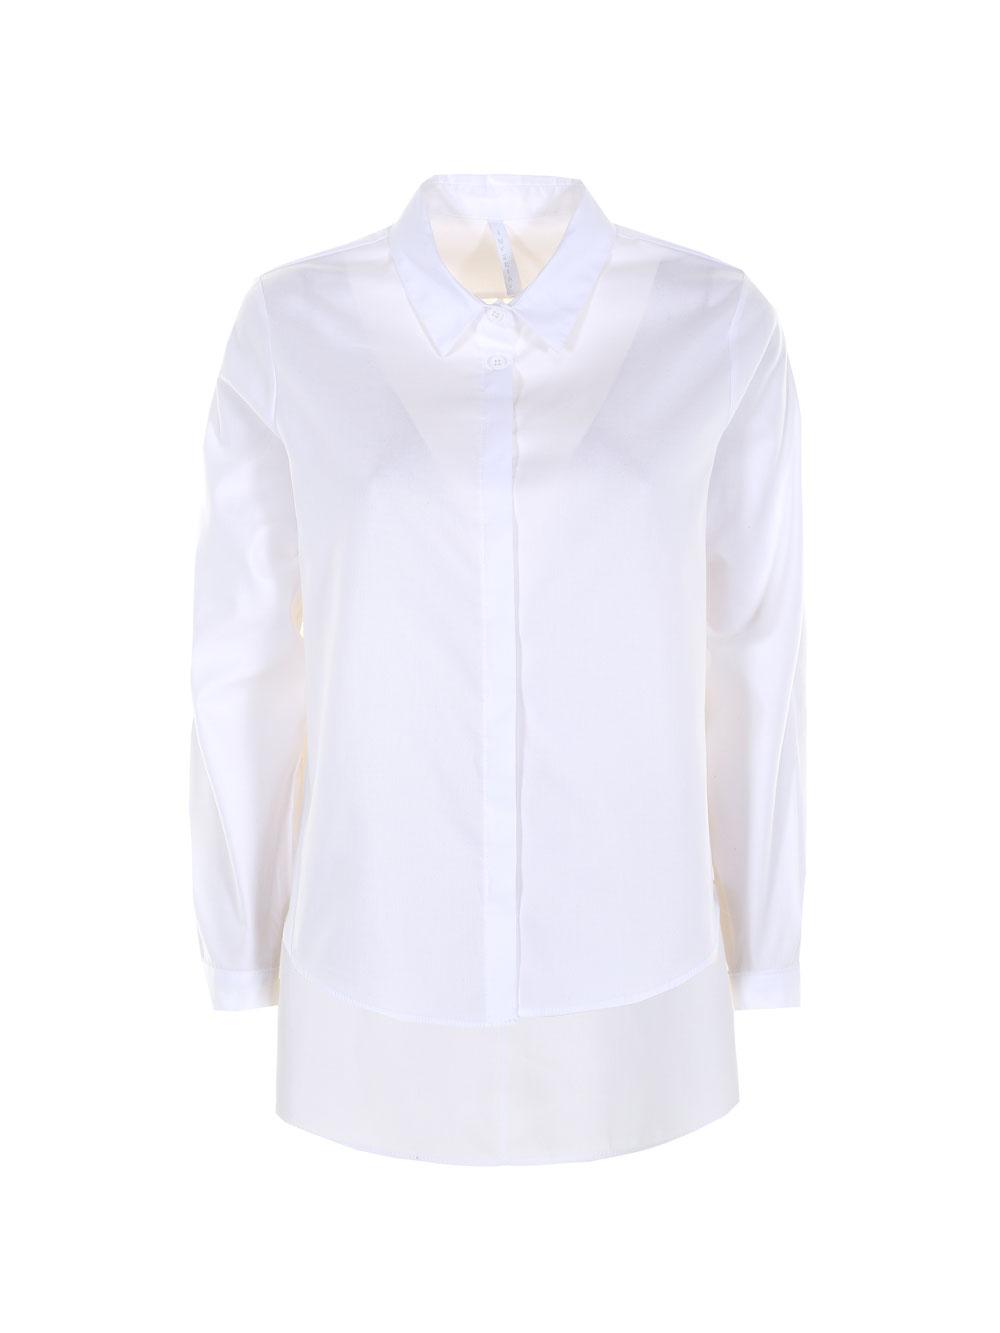 Класична модель рубашки Imperial